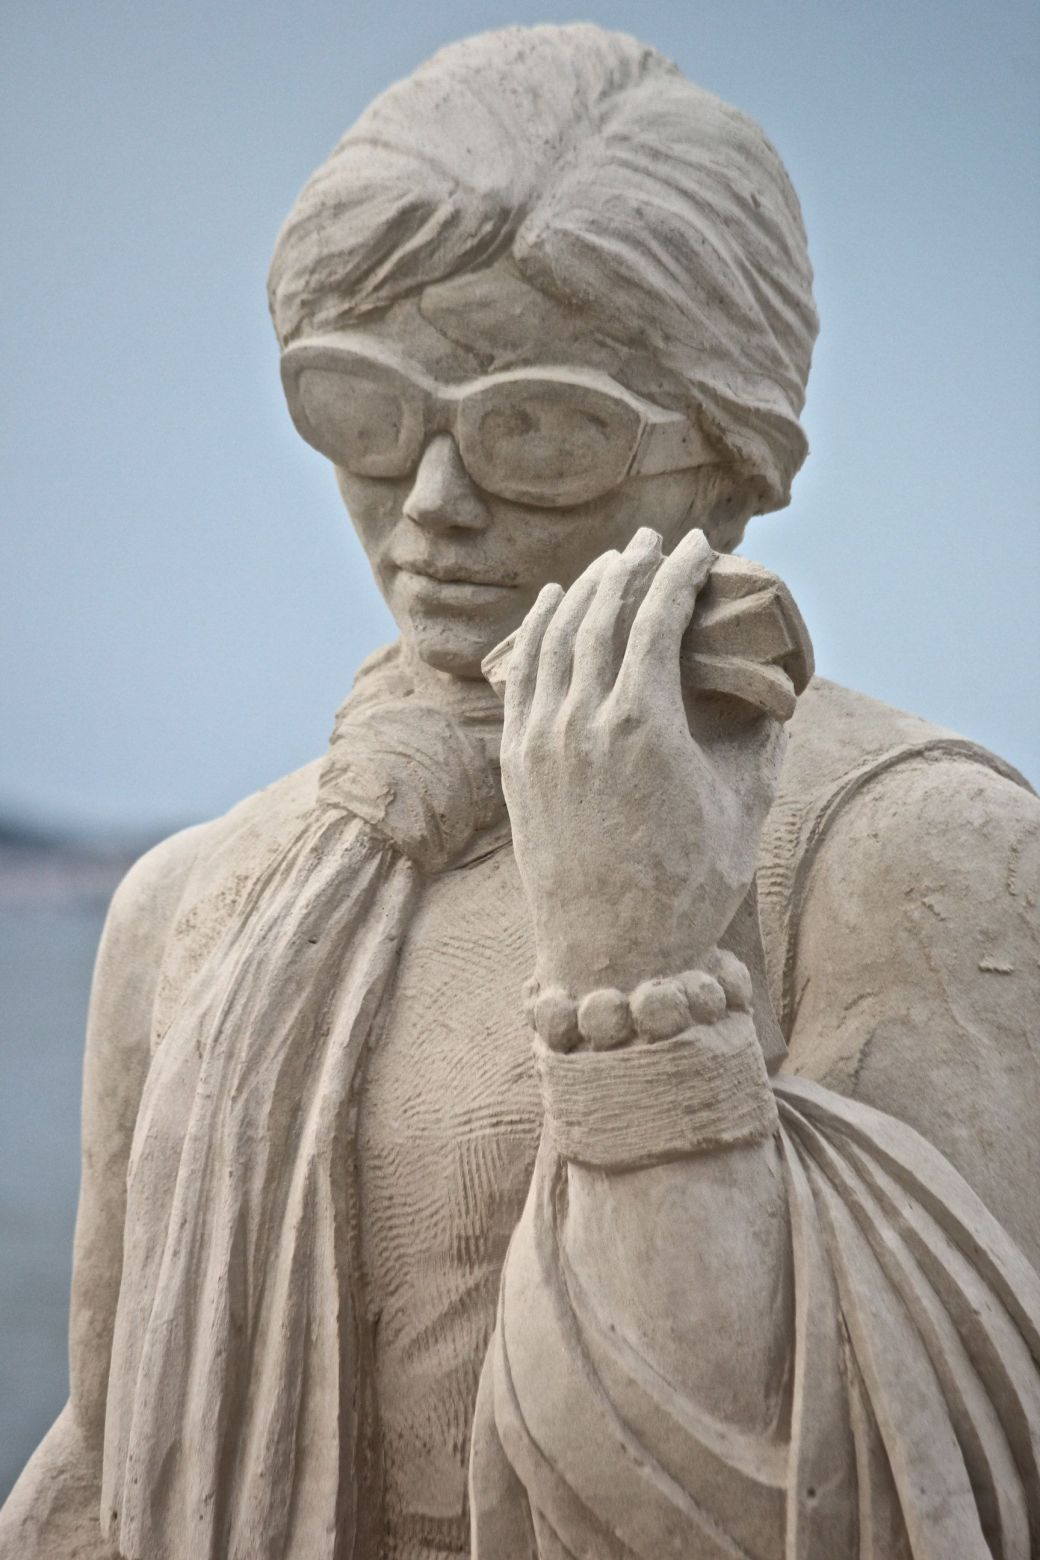 boston revere beach sand sculpture festival happy shopper statue